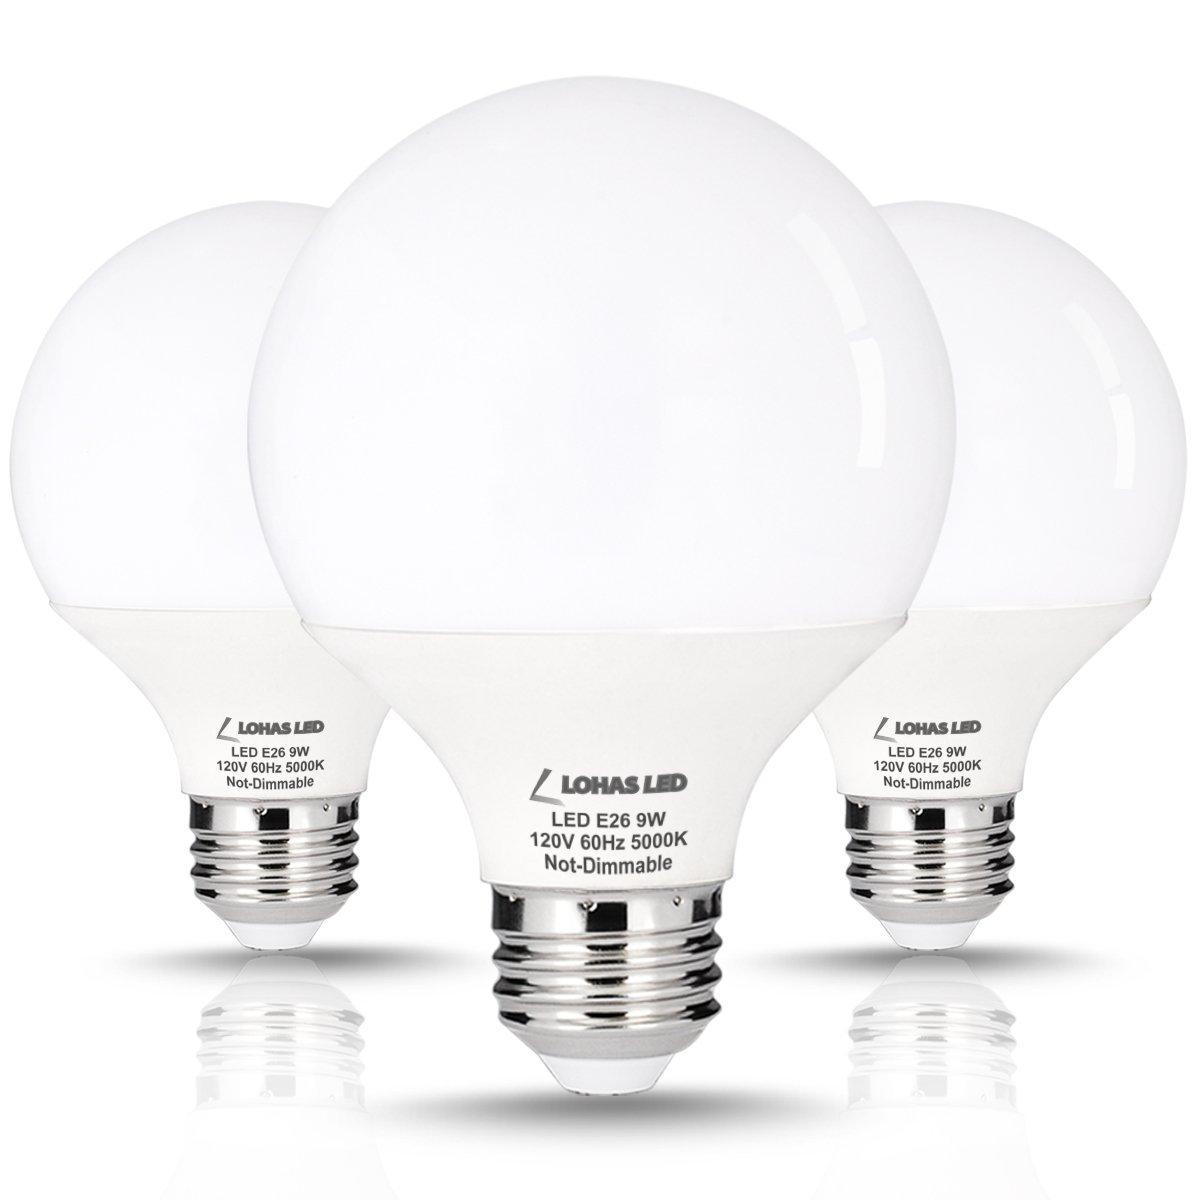 3 Pack Lohas 9 Watt Led Globe Bulb G25 Led Bulbs 60watt Vanity Light Bulbs Equivalent Led Light Bulb Daylight 5000k Medium Screw Base E26